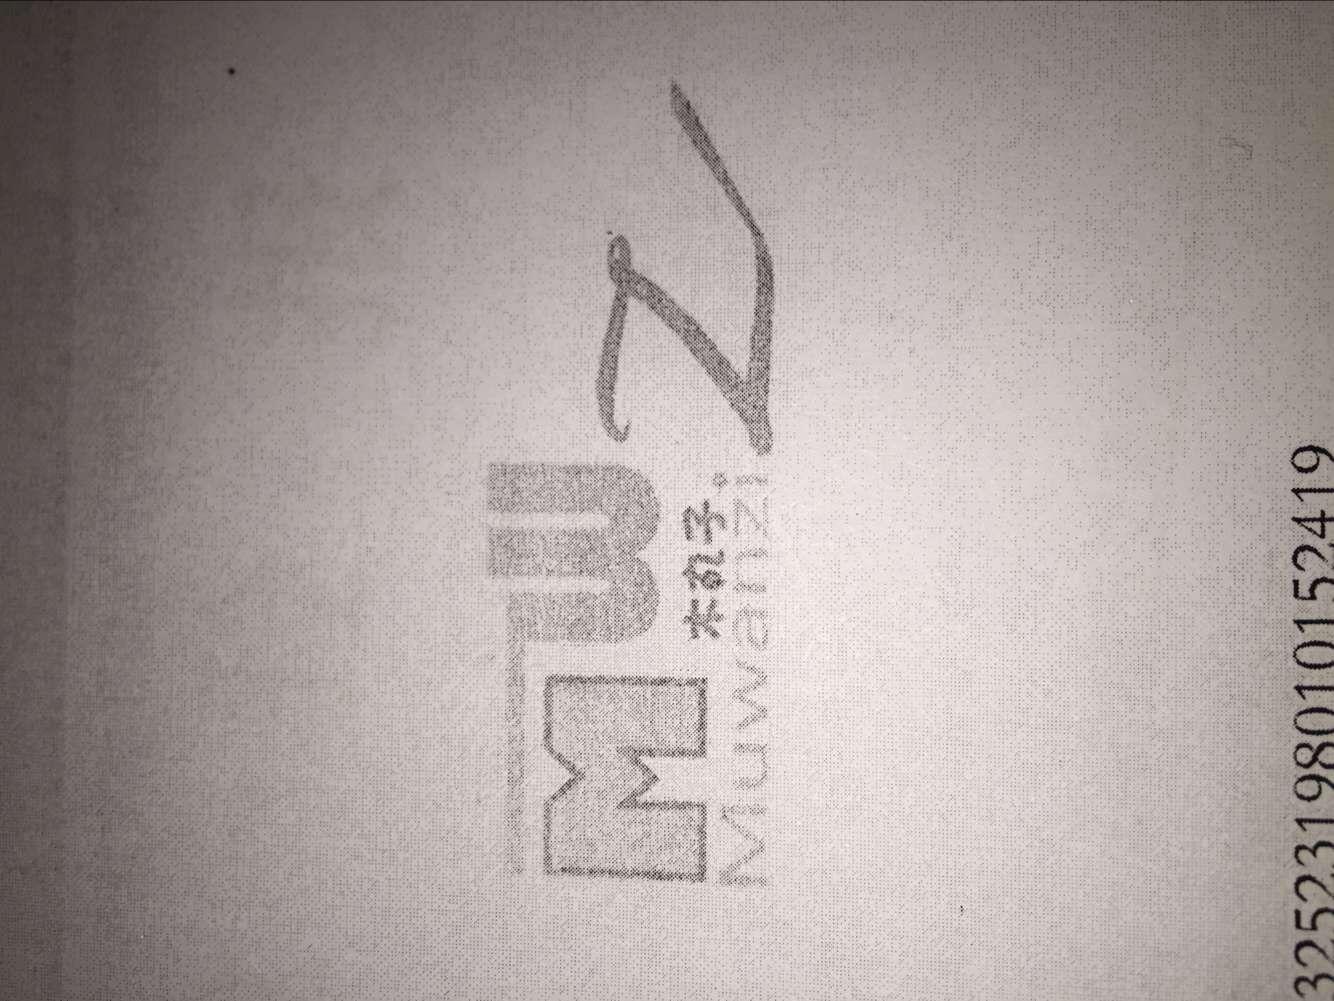 木丸子(MWZ)